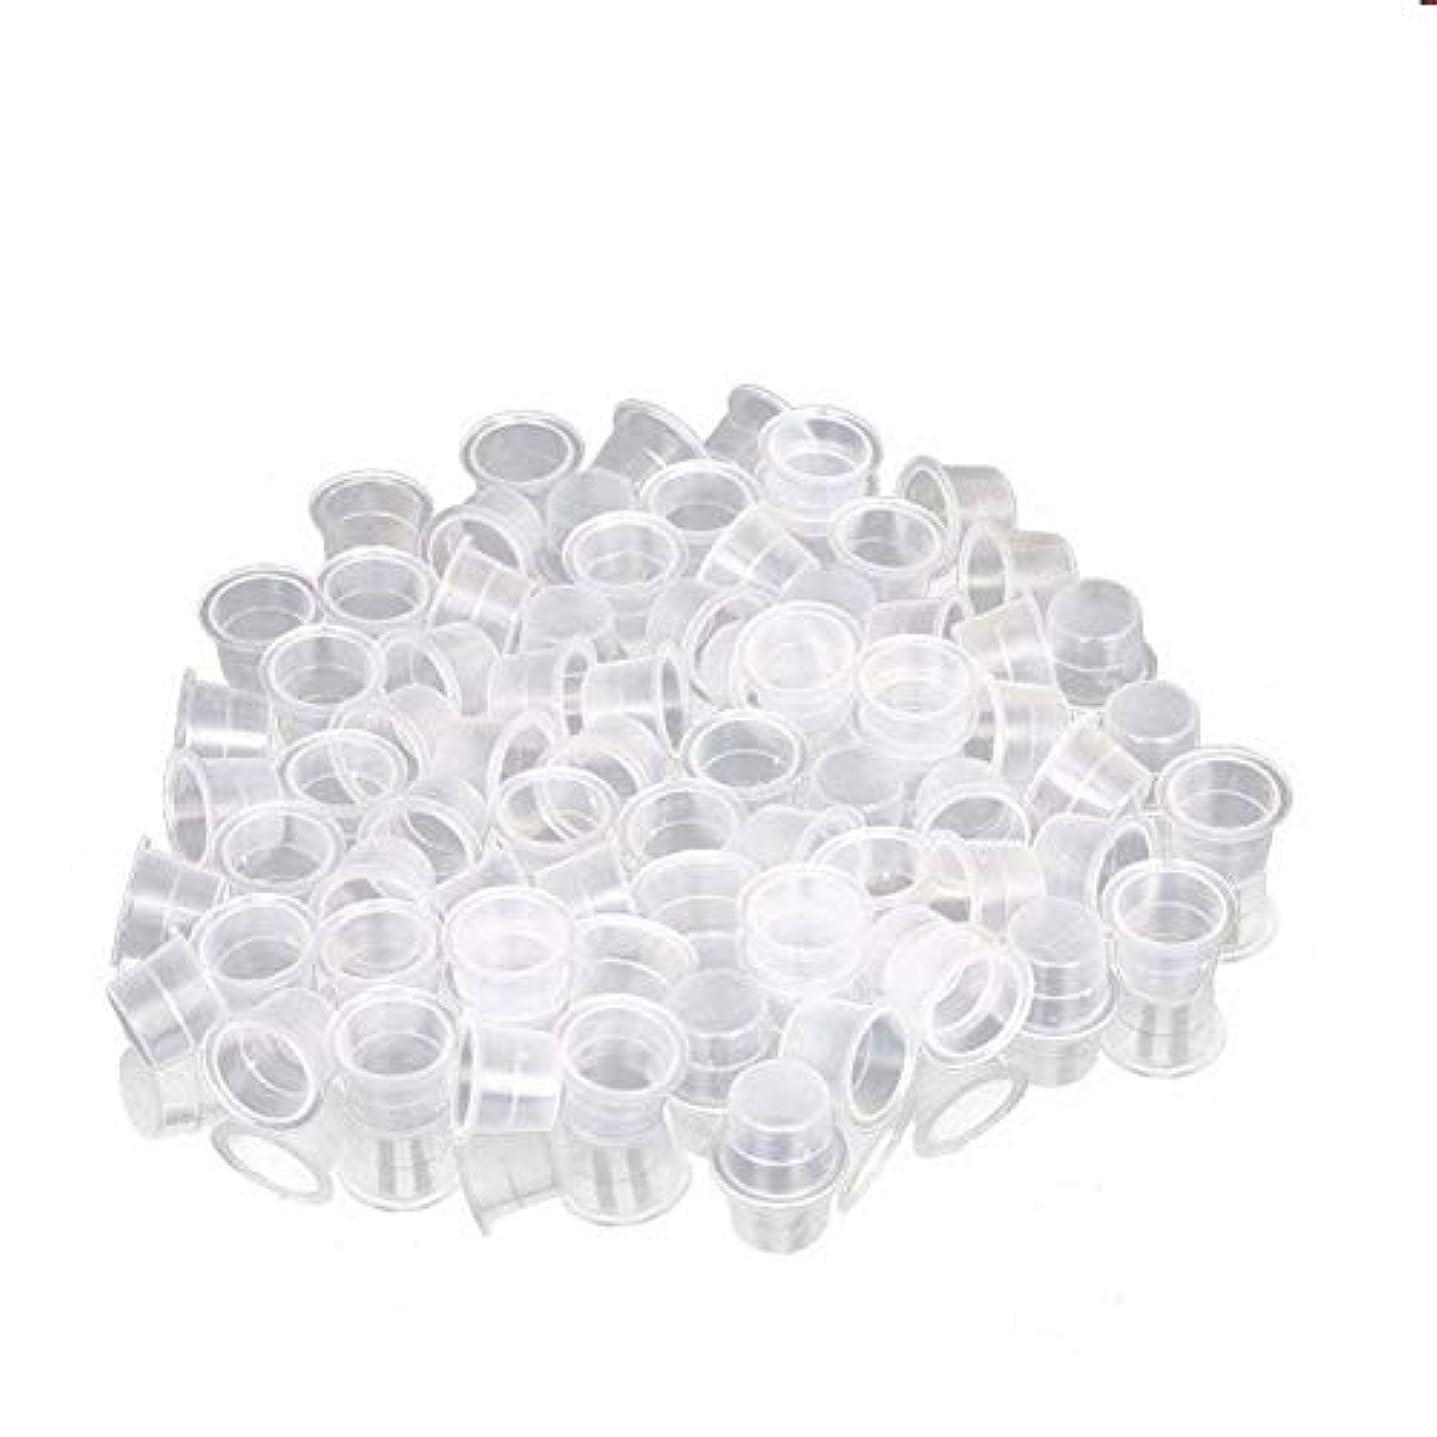 助けになる参加者胚芽インクカップ、顔料カップ、顔料ボックス ディスポーザブル、シリコーン製颜料ツール、キッ100個のための小さな染料皿